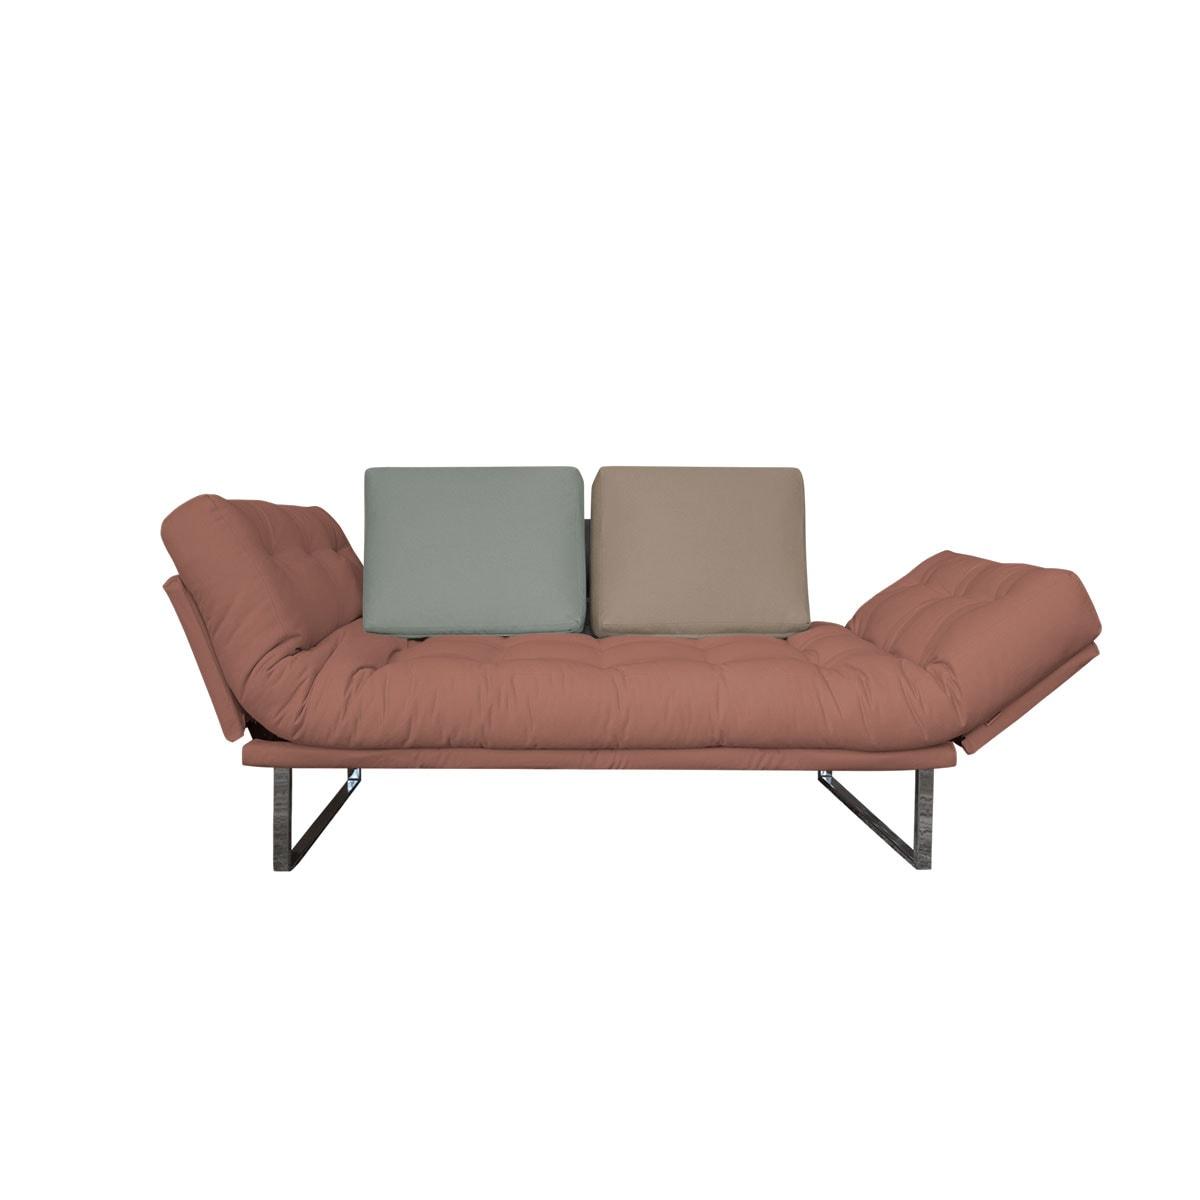 Sofa camas solteiro futon company - Sofas cama futon ...